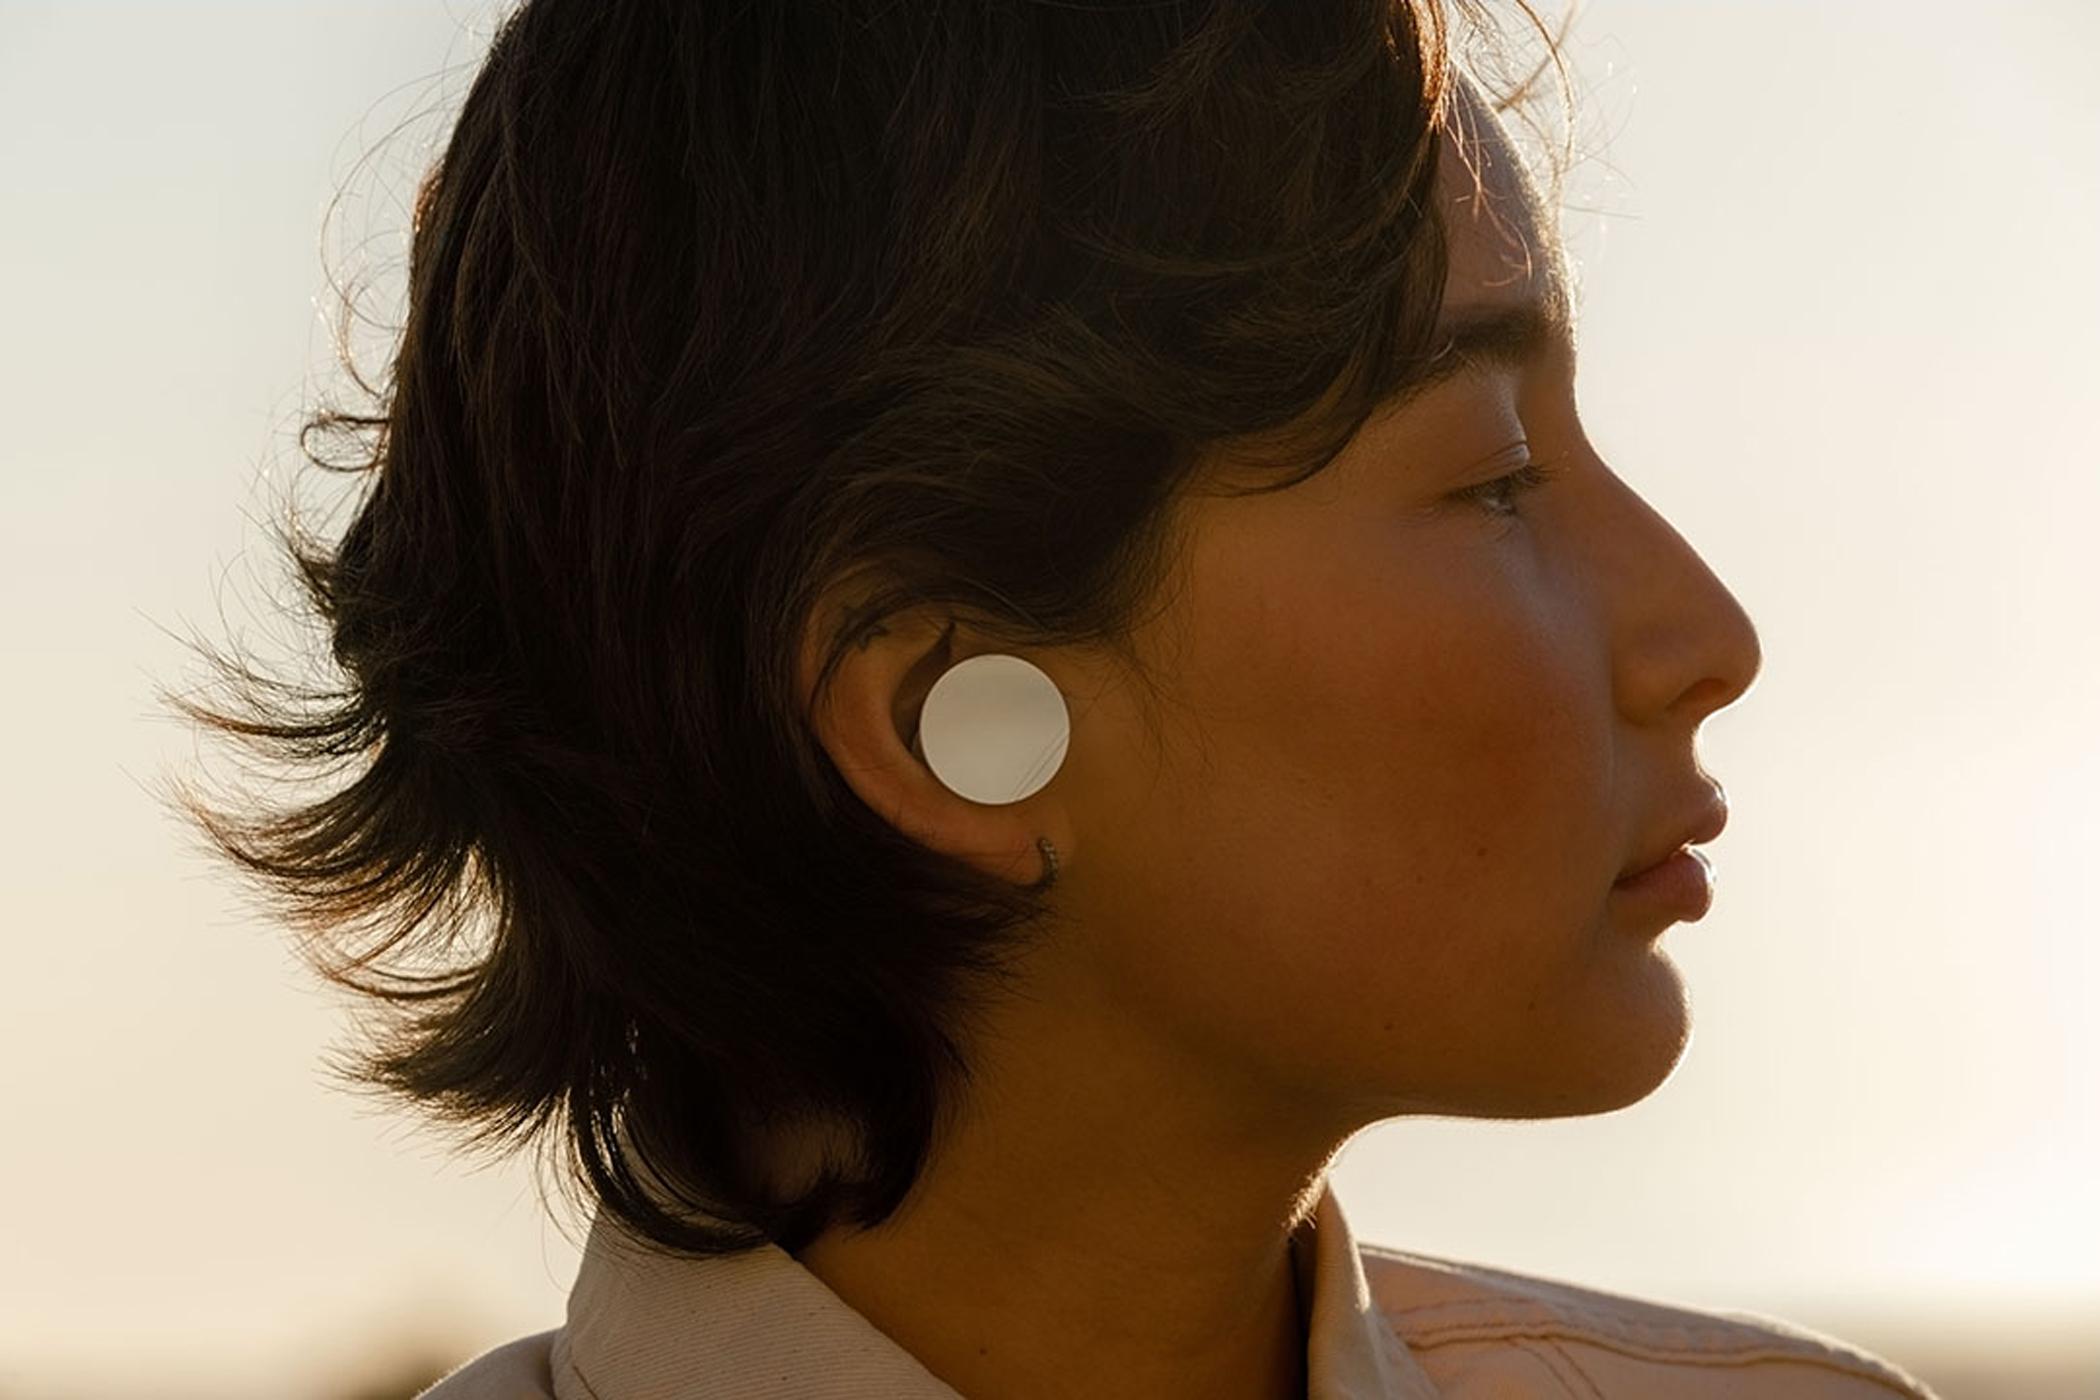 Les Microsoft Surface Earbuds coûteraient presque 100 euros de moins que les AirPods Pro